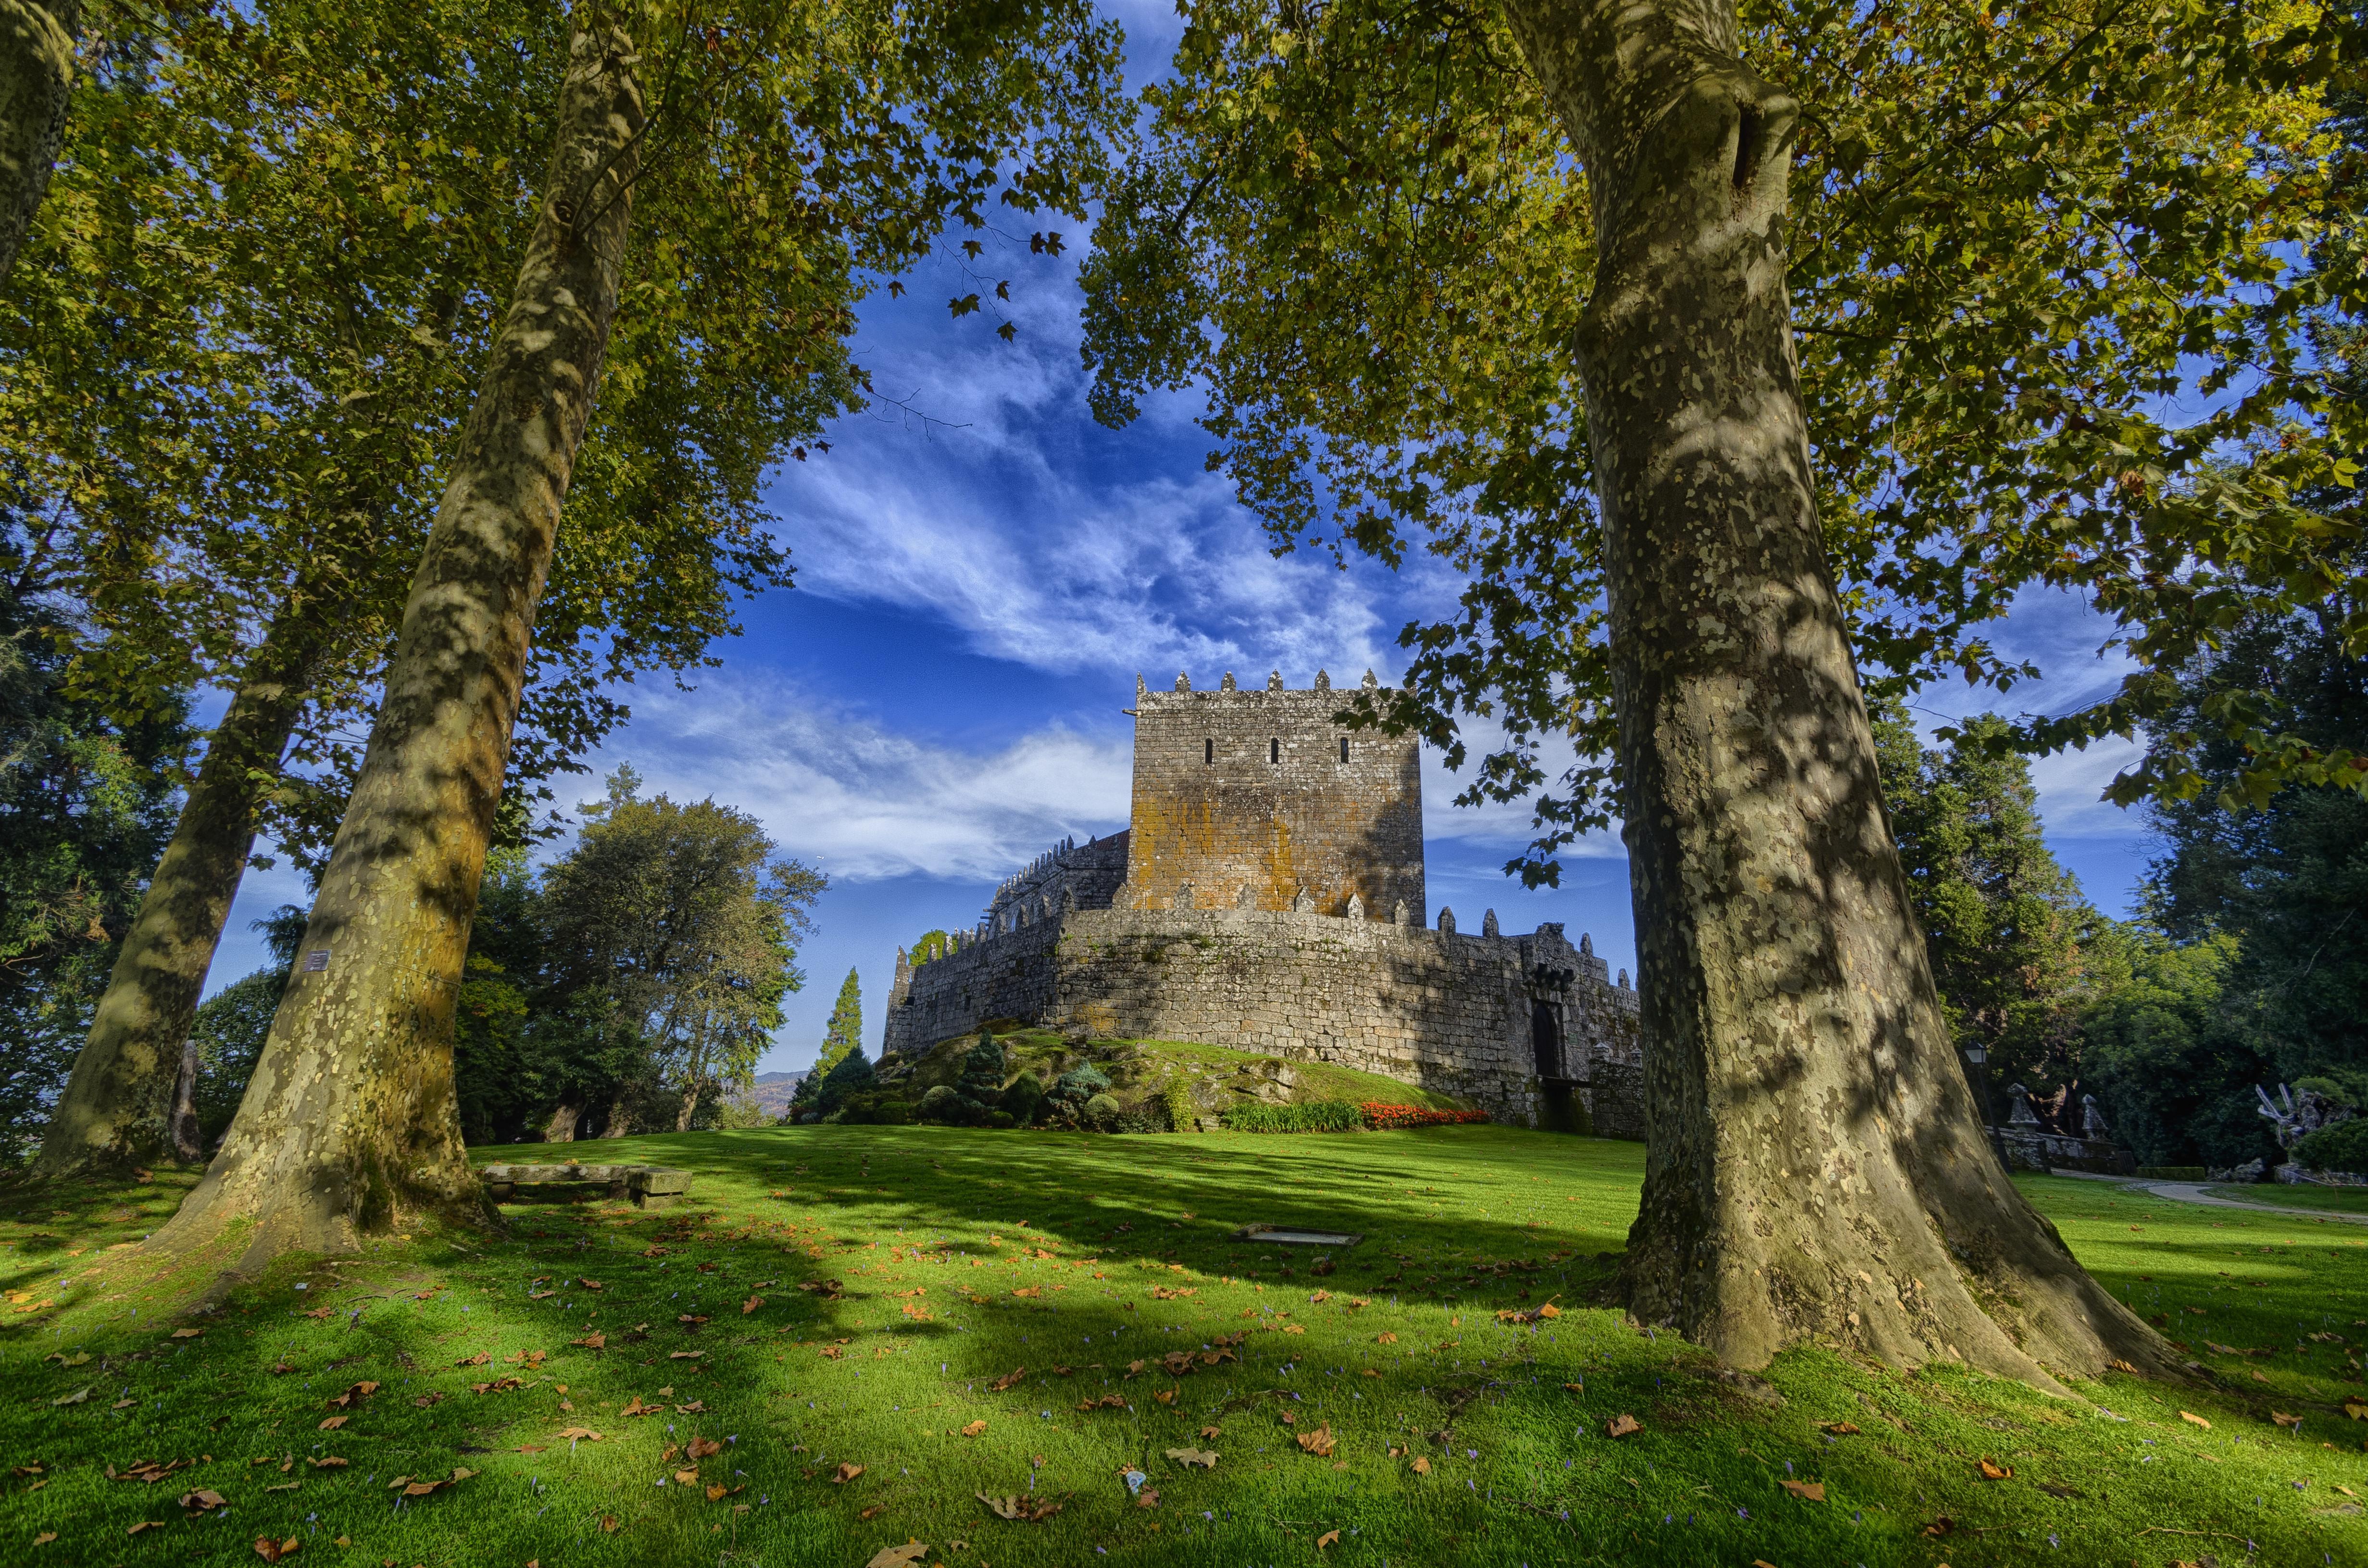 обои Замок Сотомайор, Галисия, Испания картинки фото